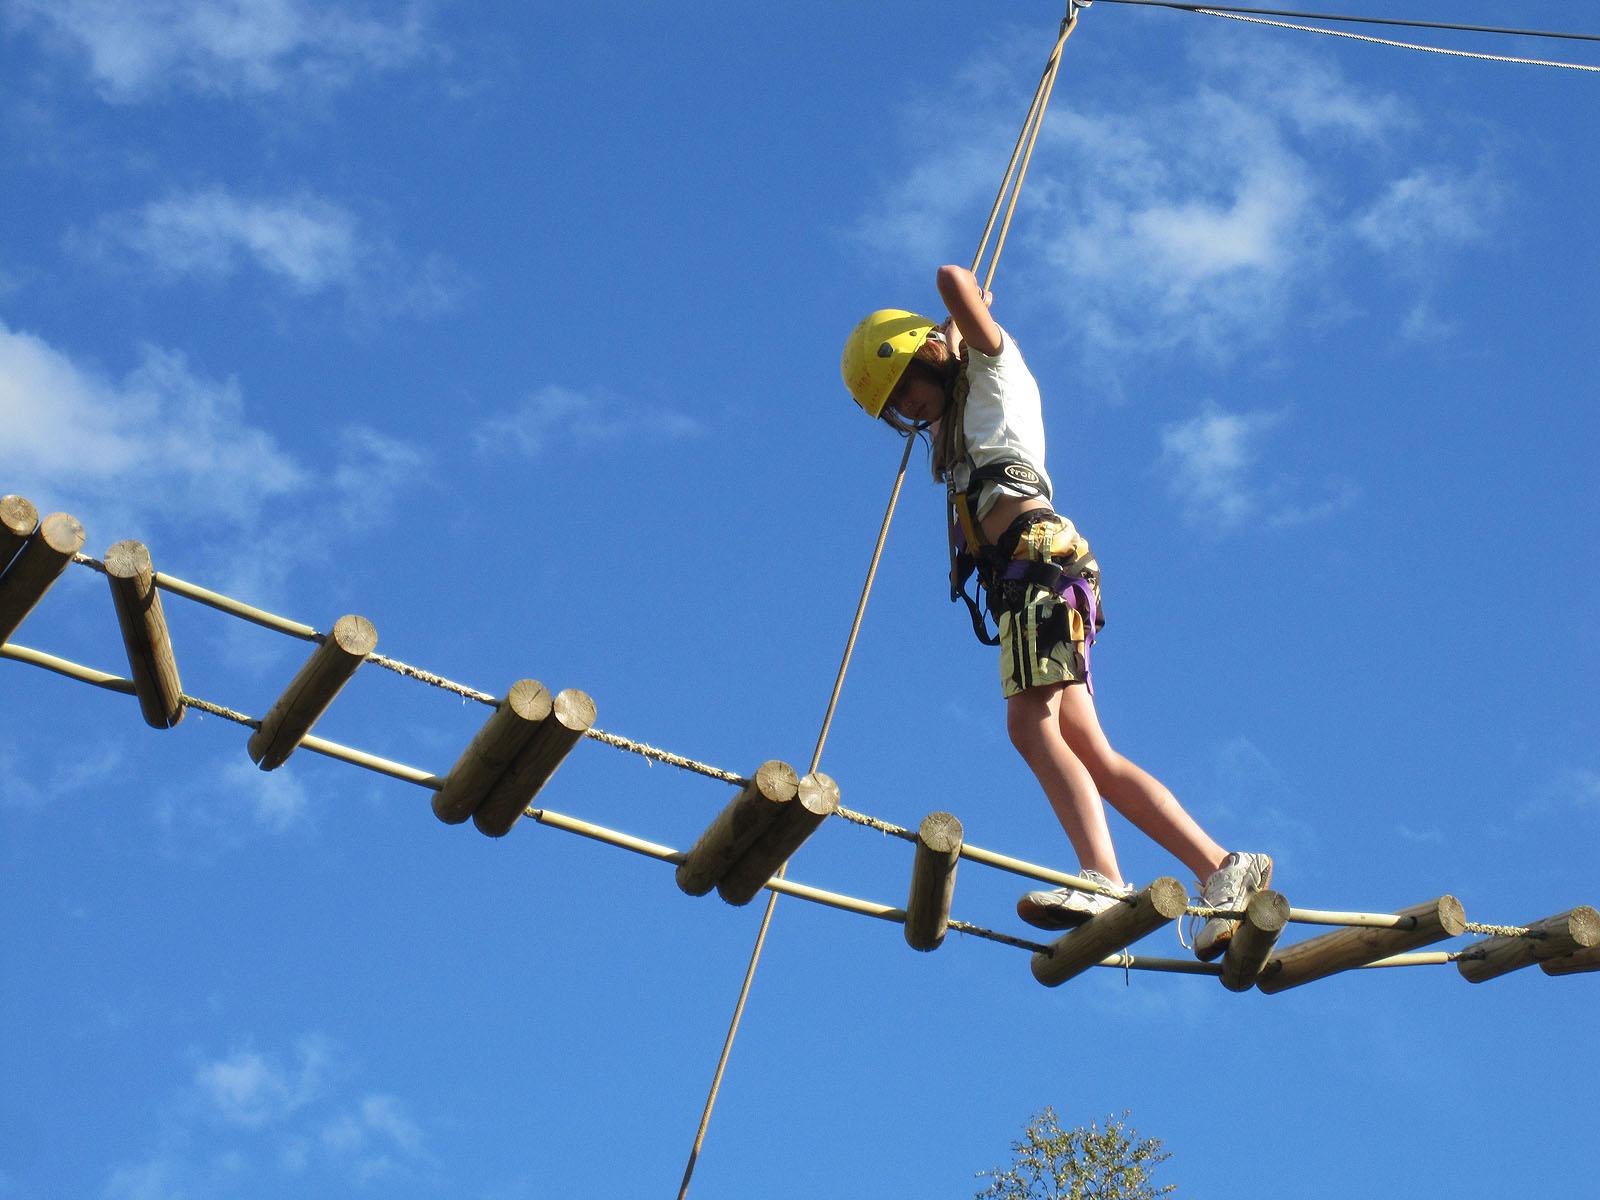 Mestringsriggen - Mestringsriggen er et svært populært aktivitetsområde på fjellskolen. Her er store stolper med høye elementer montert opp. Blir gjerne brukt på kveldstid eller avslutningsdag. I mestringsriggen får elevene oppleve balanseøvelser, spenning og mestring. De klatrer opp i stolper på 6 – 8 meters høyde og prøver seg på balanse og dristighetsøvelser i høyden. Når elevene er i aktivitet er de forskriftsmessig sikret, og dette er trygge aktiviteter. Mestringsriggen byr også på samarbeidsopplegg av ulik art. Stabling av bruskasser kan være en slik samarbeidsoppgave. Veldig moro!!